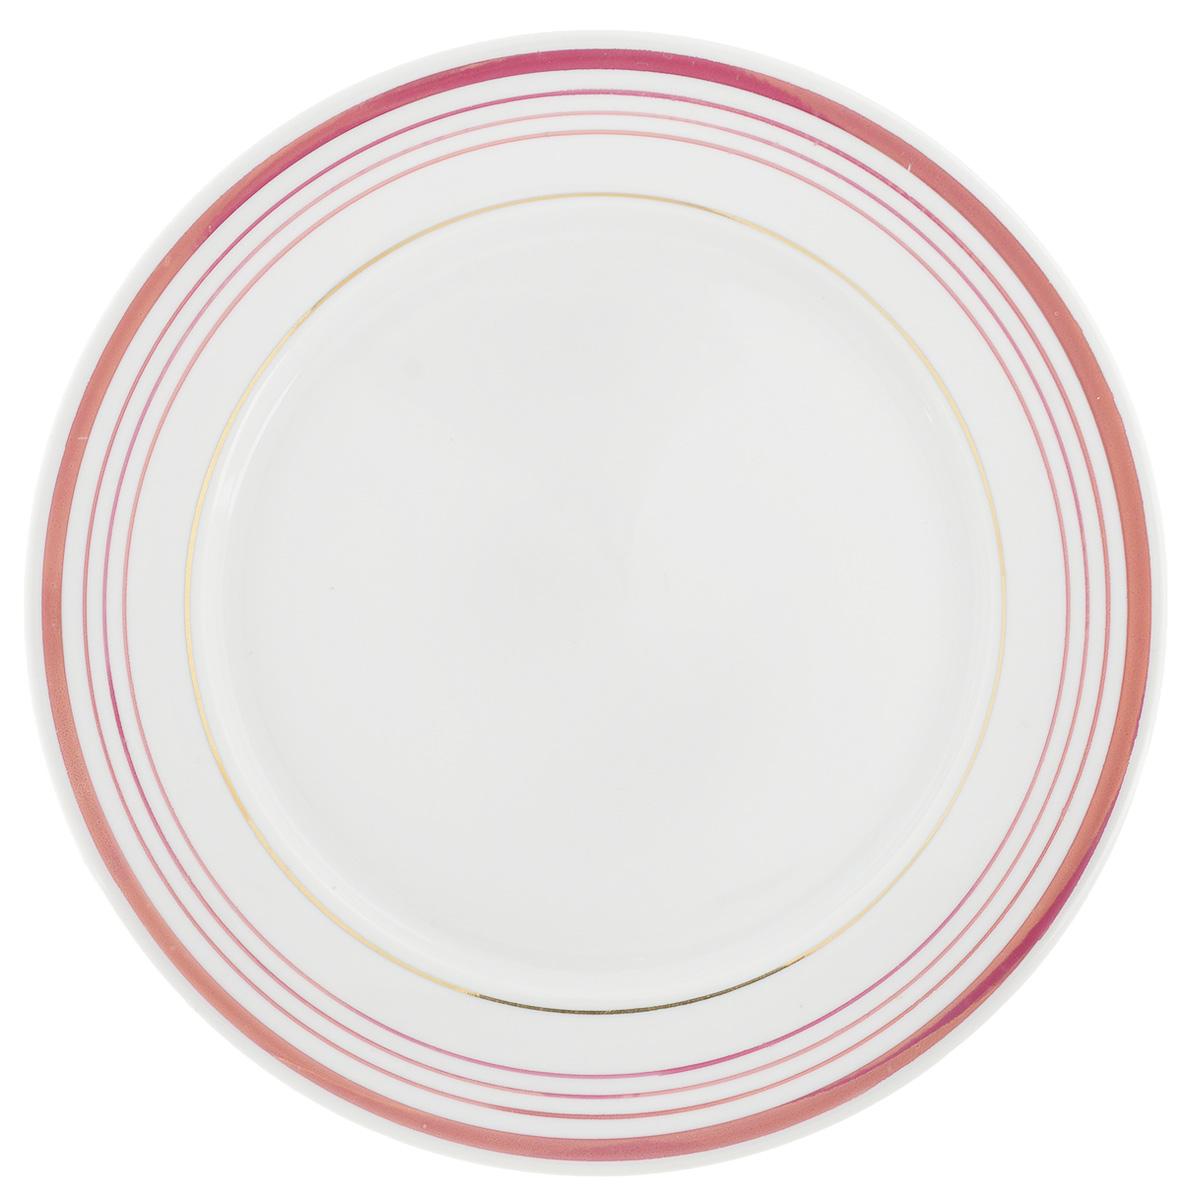 Тарелка Фарфор Вербилок, диаметр 24 см. 2507230054 009312Тарелка Фарфор Вербилок, изготовленная из высококачественного фарфора, имеет изысканный внешний вид. Яркий дизайн придется по вкусу и ценителям классики, и тем, кто предпочитает современный стиль. Тарелка Фарфор Вербилок идеально подойдет для сервировки стола и станет отличным подарком к любому празднику.Диаметр тарелки: 24 см.Высота тарелки: 1,5 см.